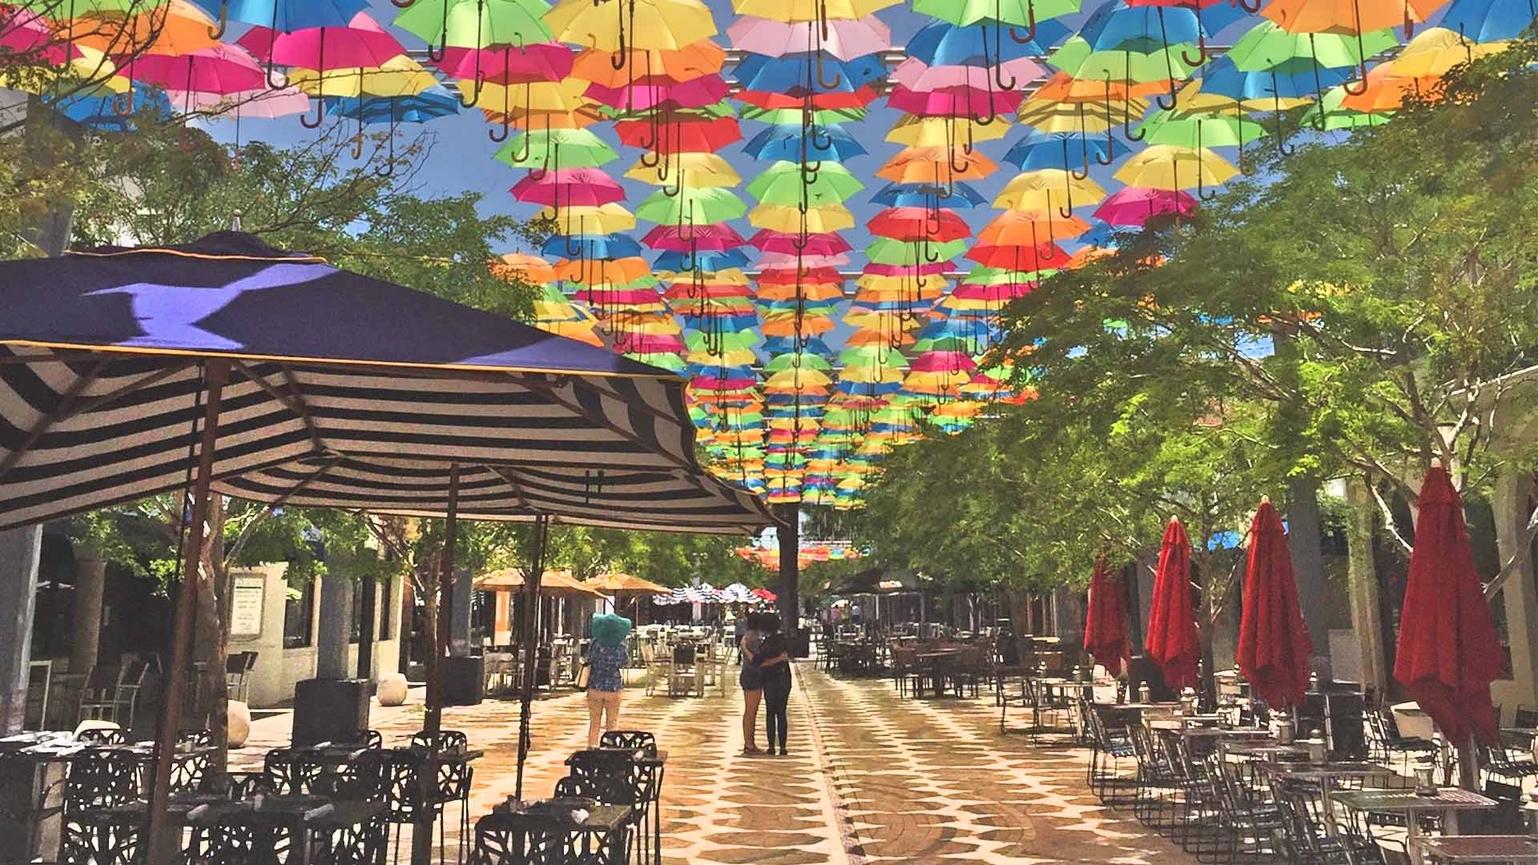 Umbrella Sky Project - Coral Gables'18